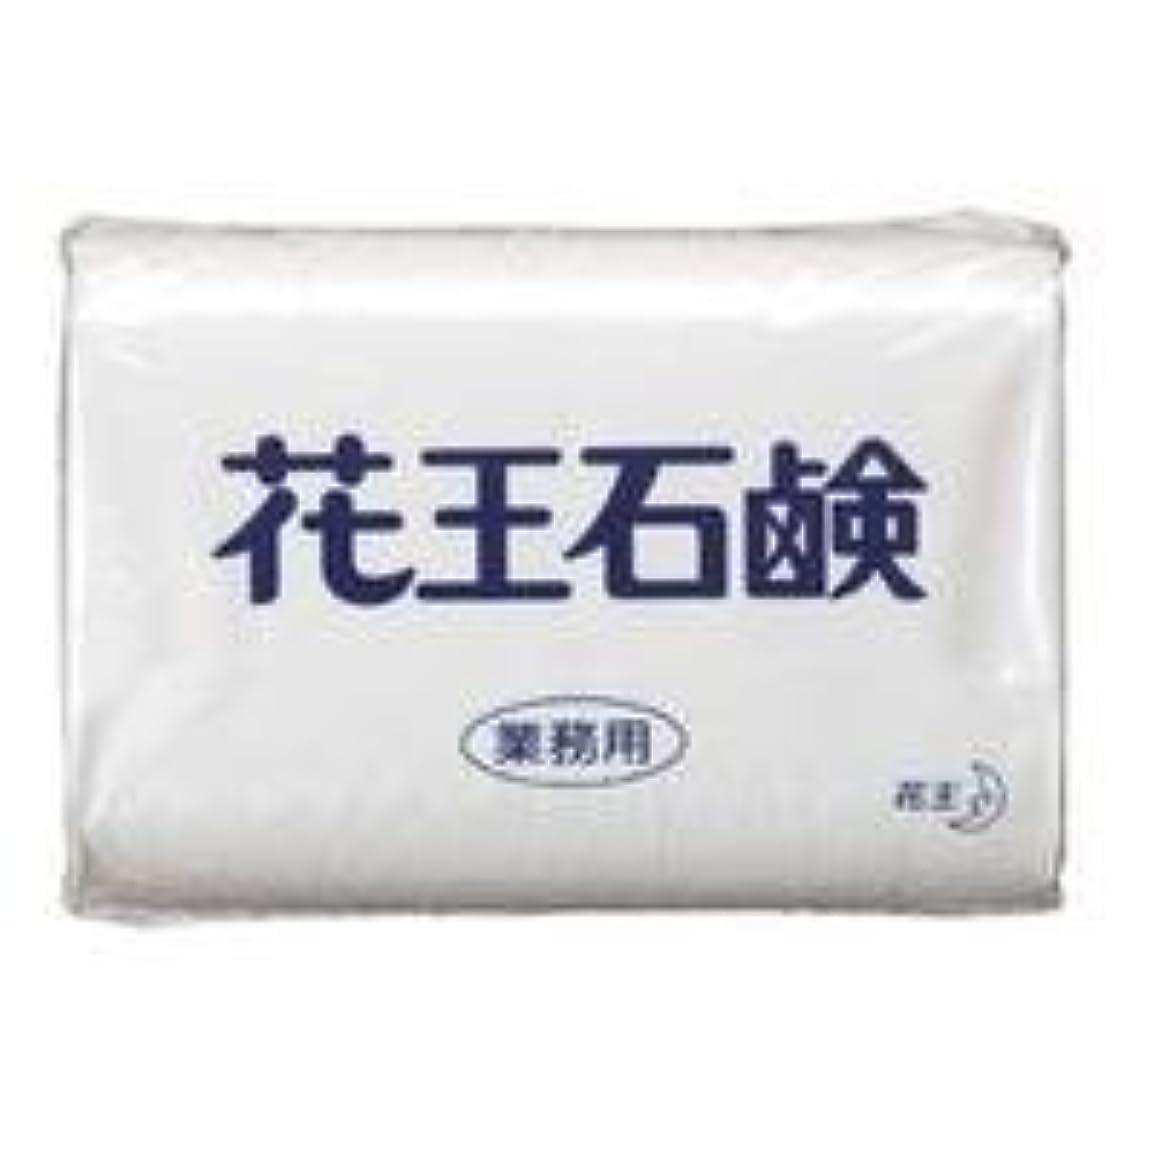 病な現代のコメント業務用石鹸 85g 3個×40パック(120個入り)